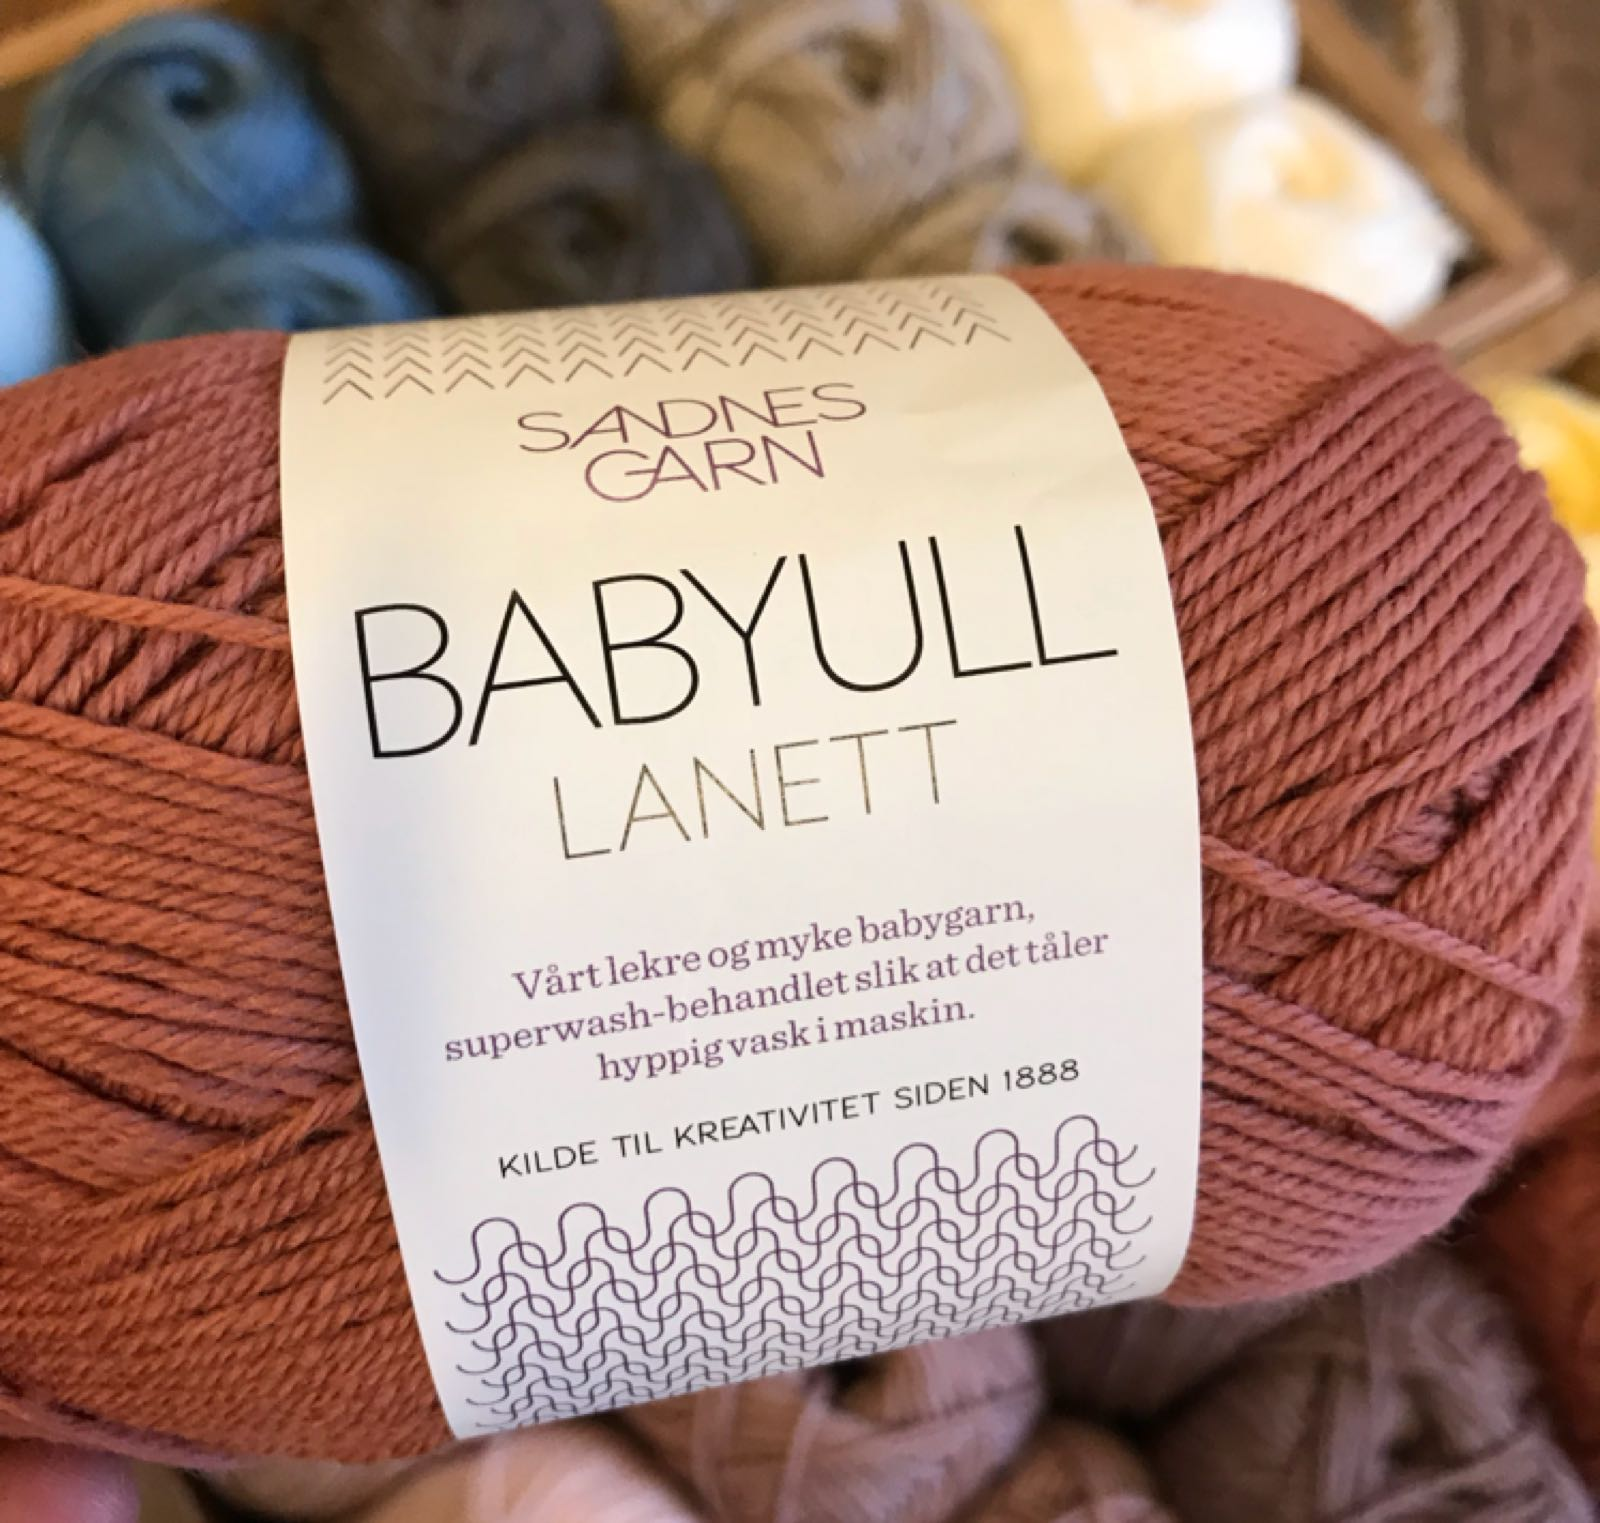 garnet BABYULL LANETT